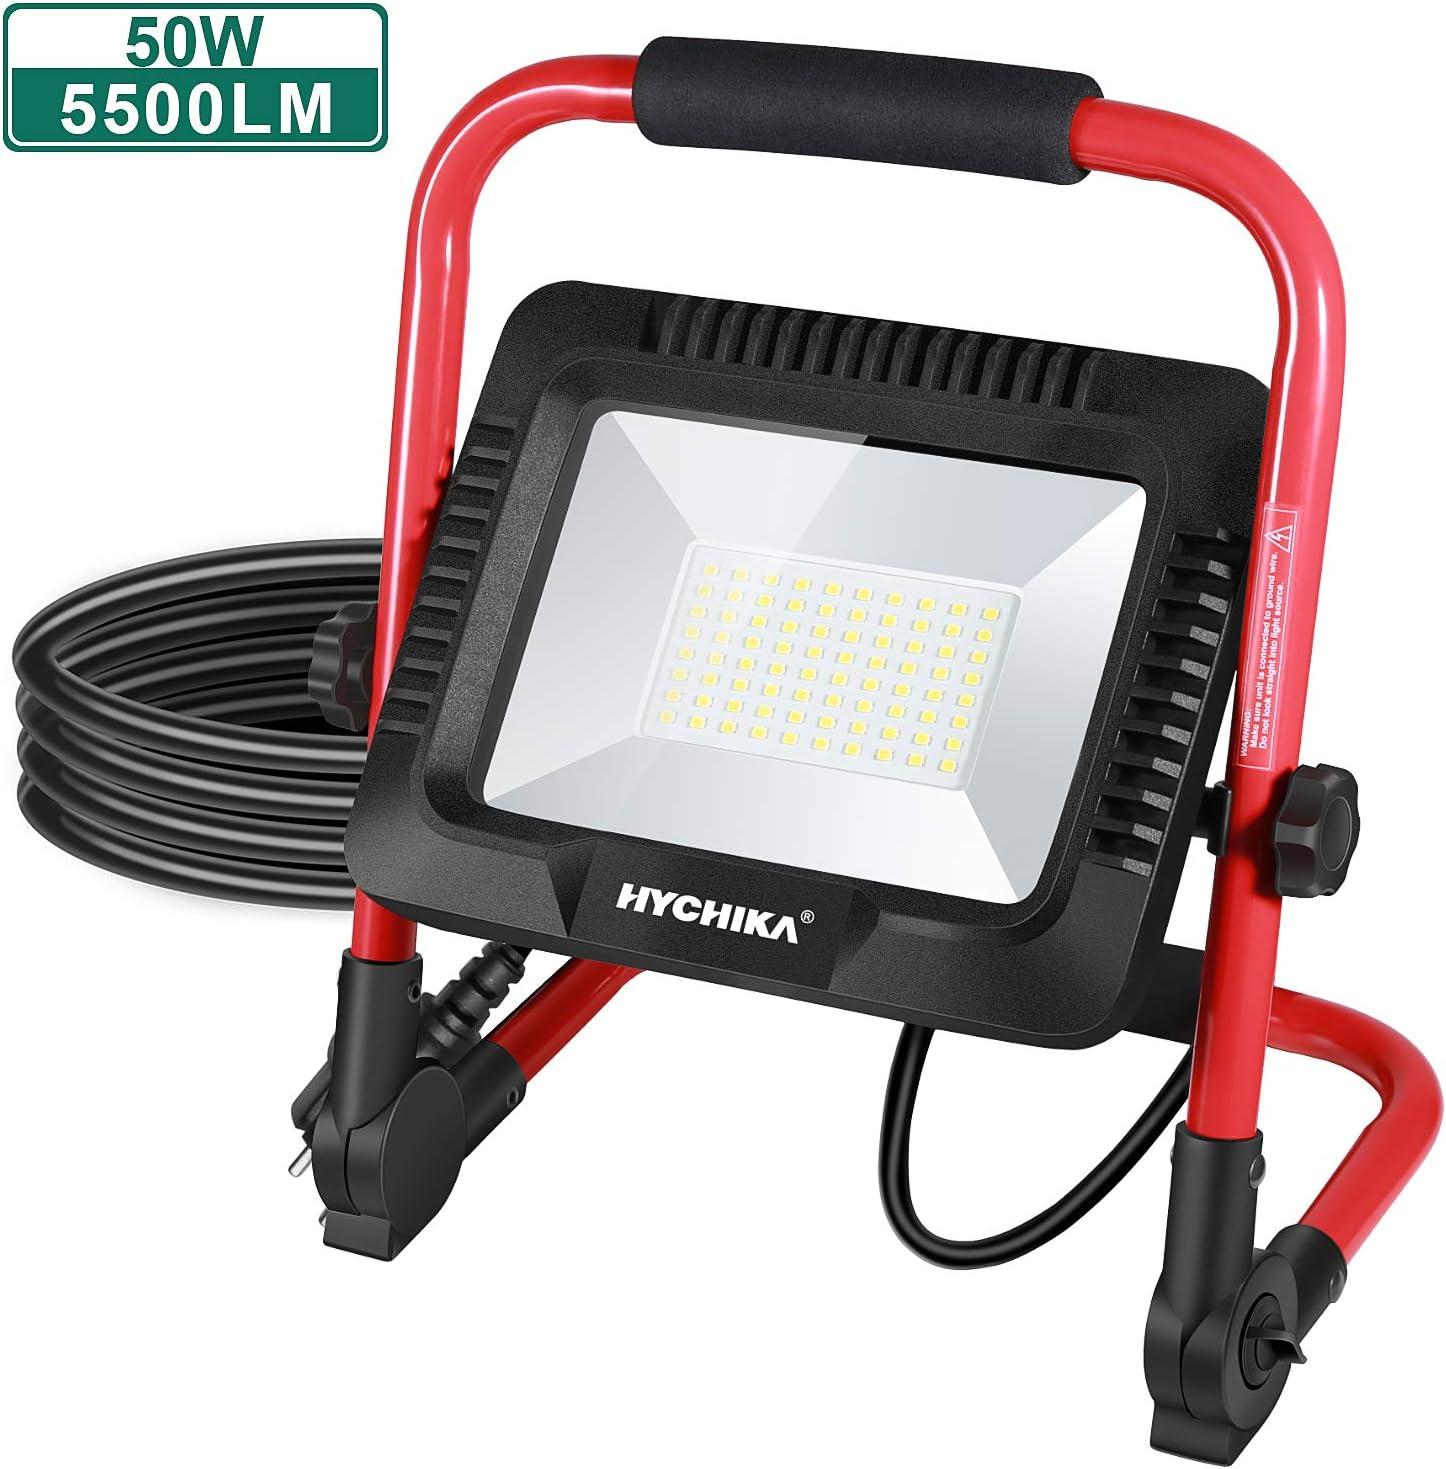 Foco de Trabajo LED 50W, HYCHIKA Luz de Trabajo Portátil Led, Impermeable IP65 para Uso en Exteriores, 5500 LM, 6500K Blanco Brillante, para Obras, Jardines, Garajes[Clase de eficiencia energética A+]